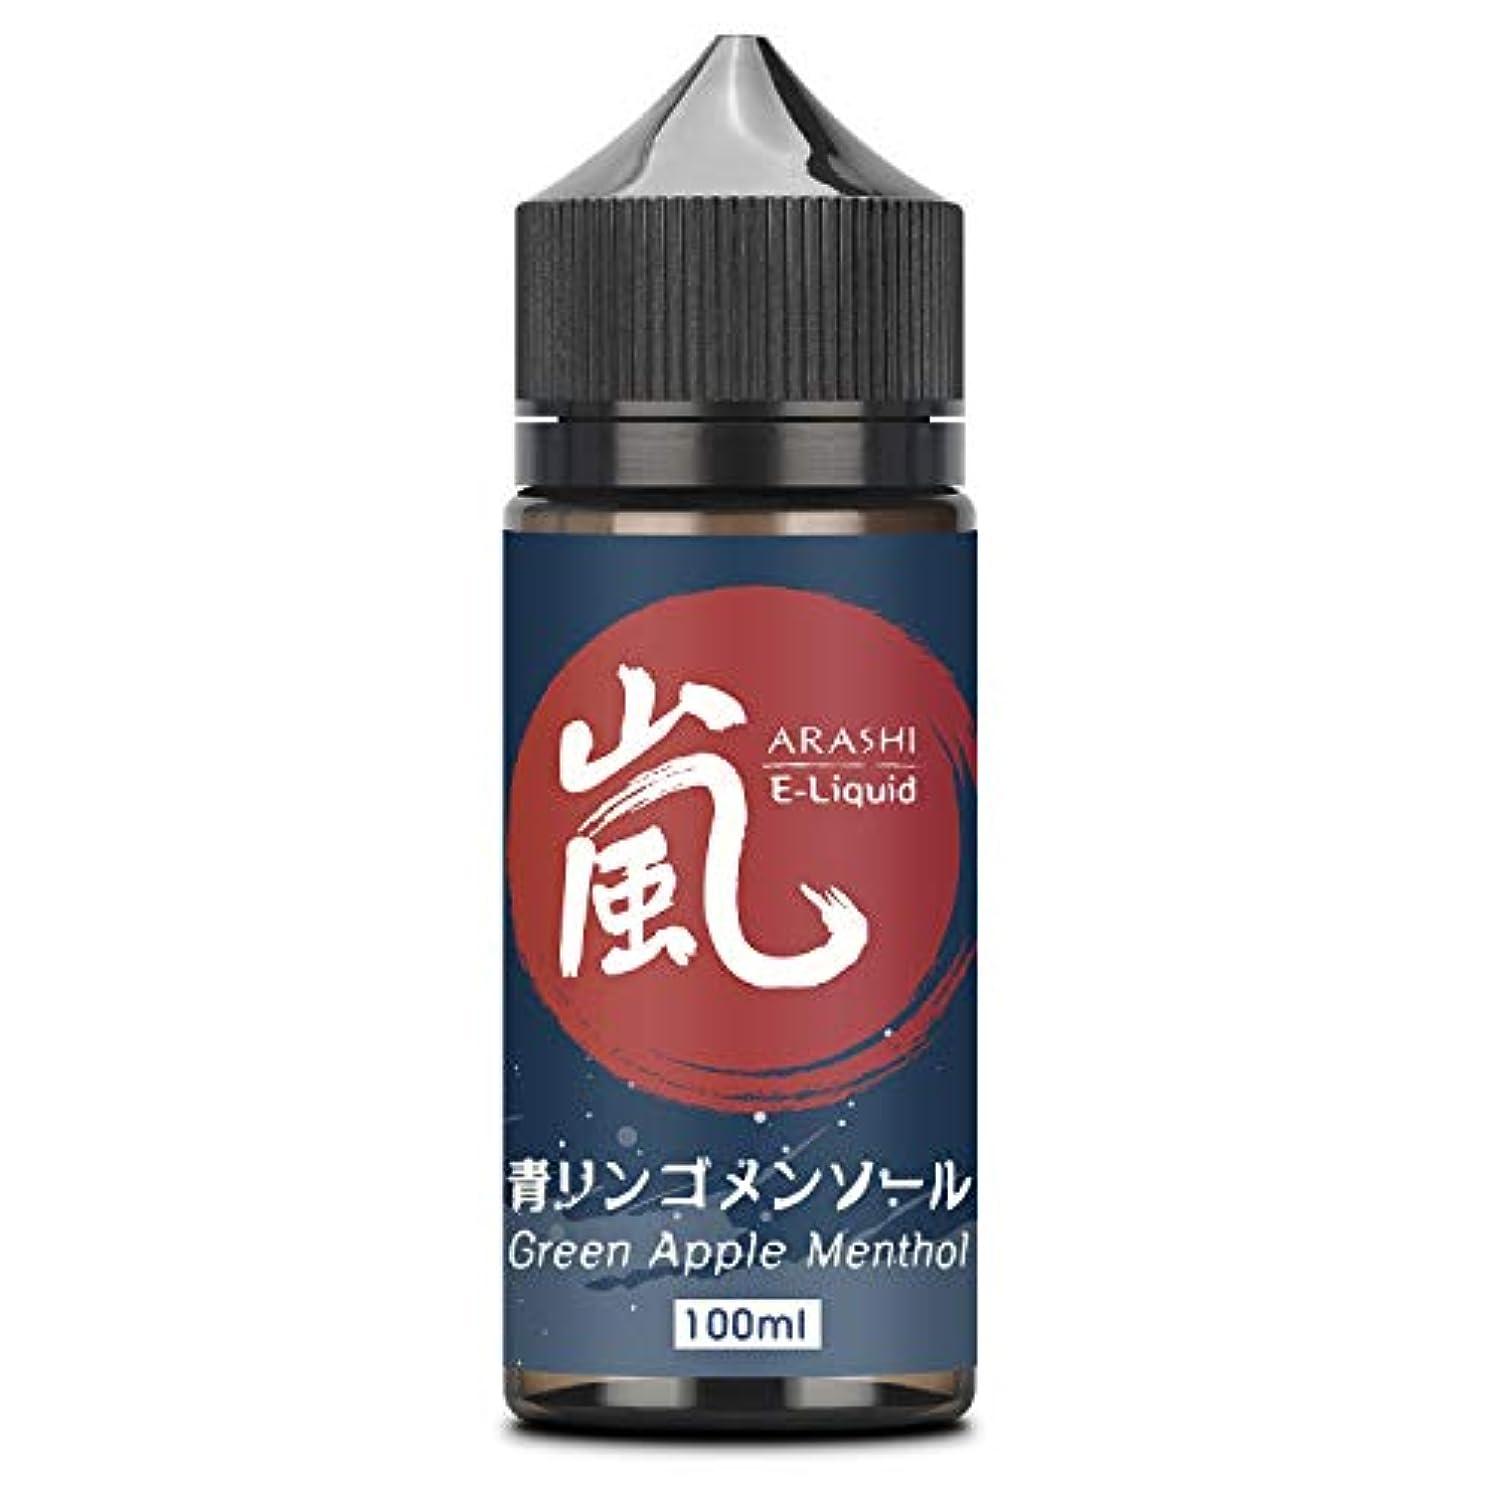 ミンチウールジレンマARASHI 電子タバコ リキッド グリーンアップル メンソール配合 大容量 100ml スーパーハードミントメンソール10ml付き VAPE プルームテック myblu E-Liquid